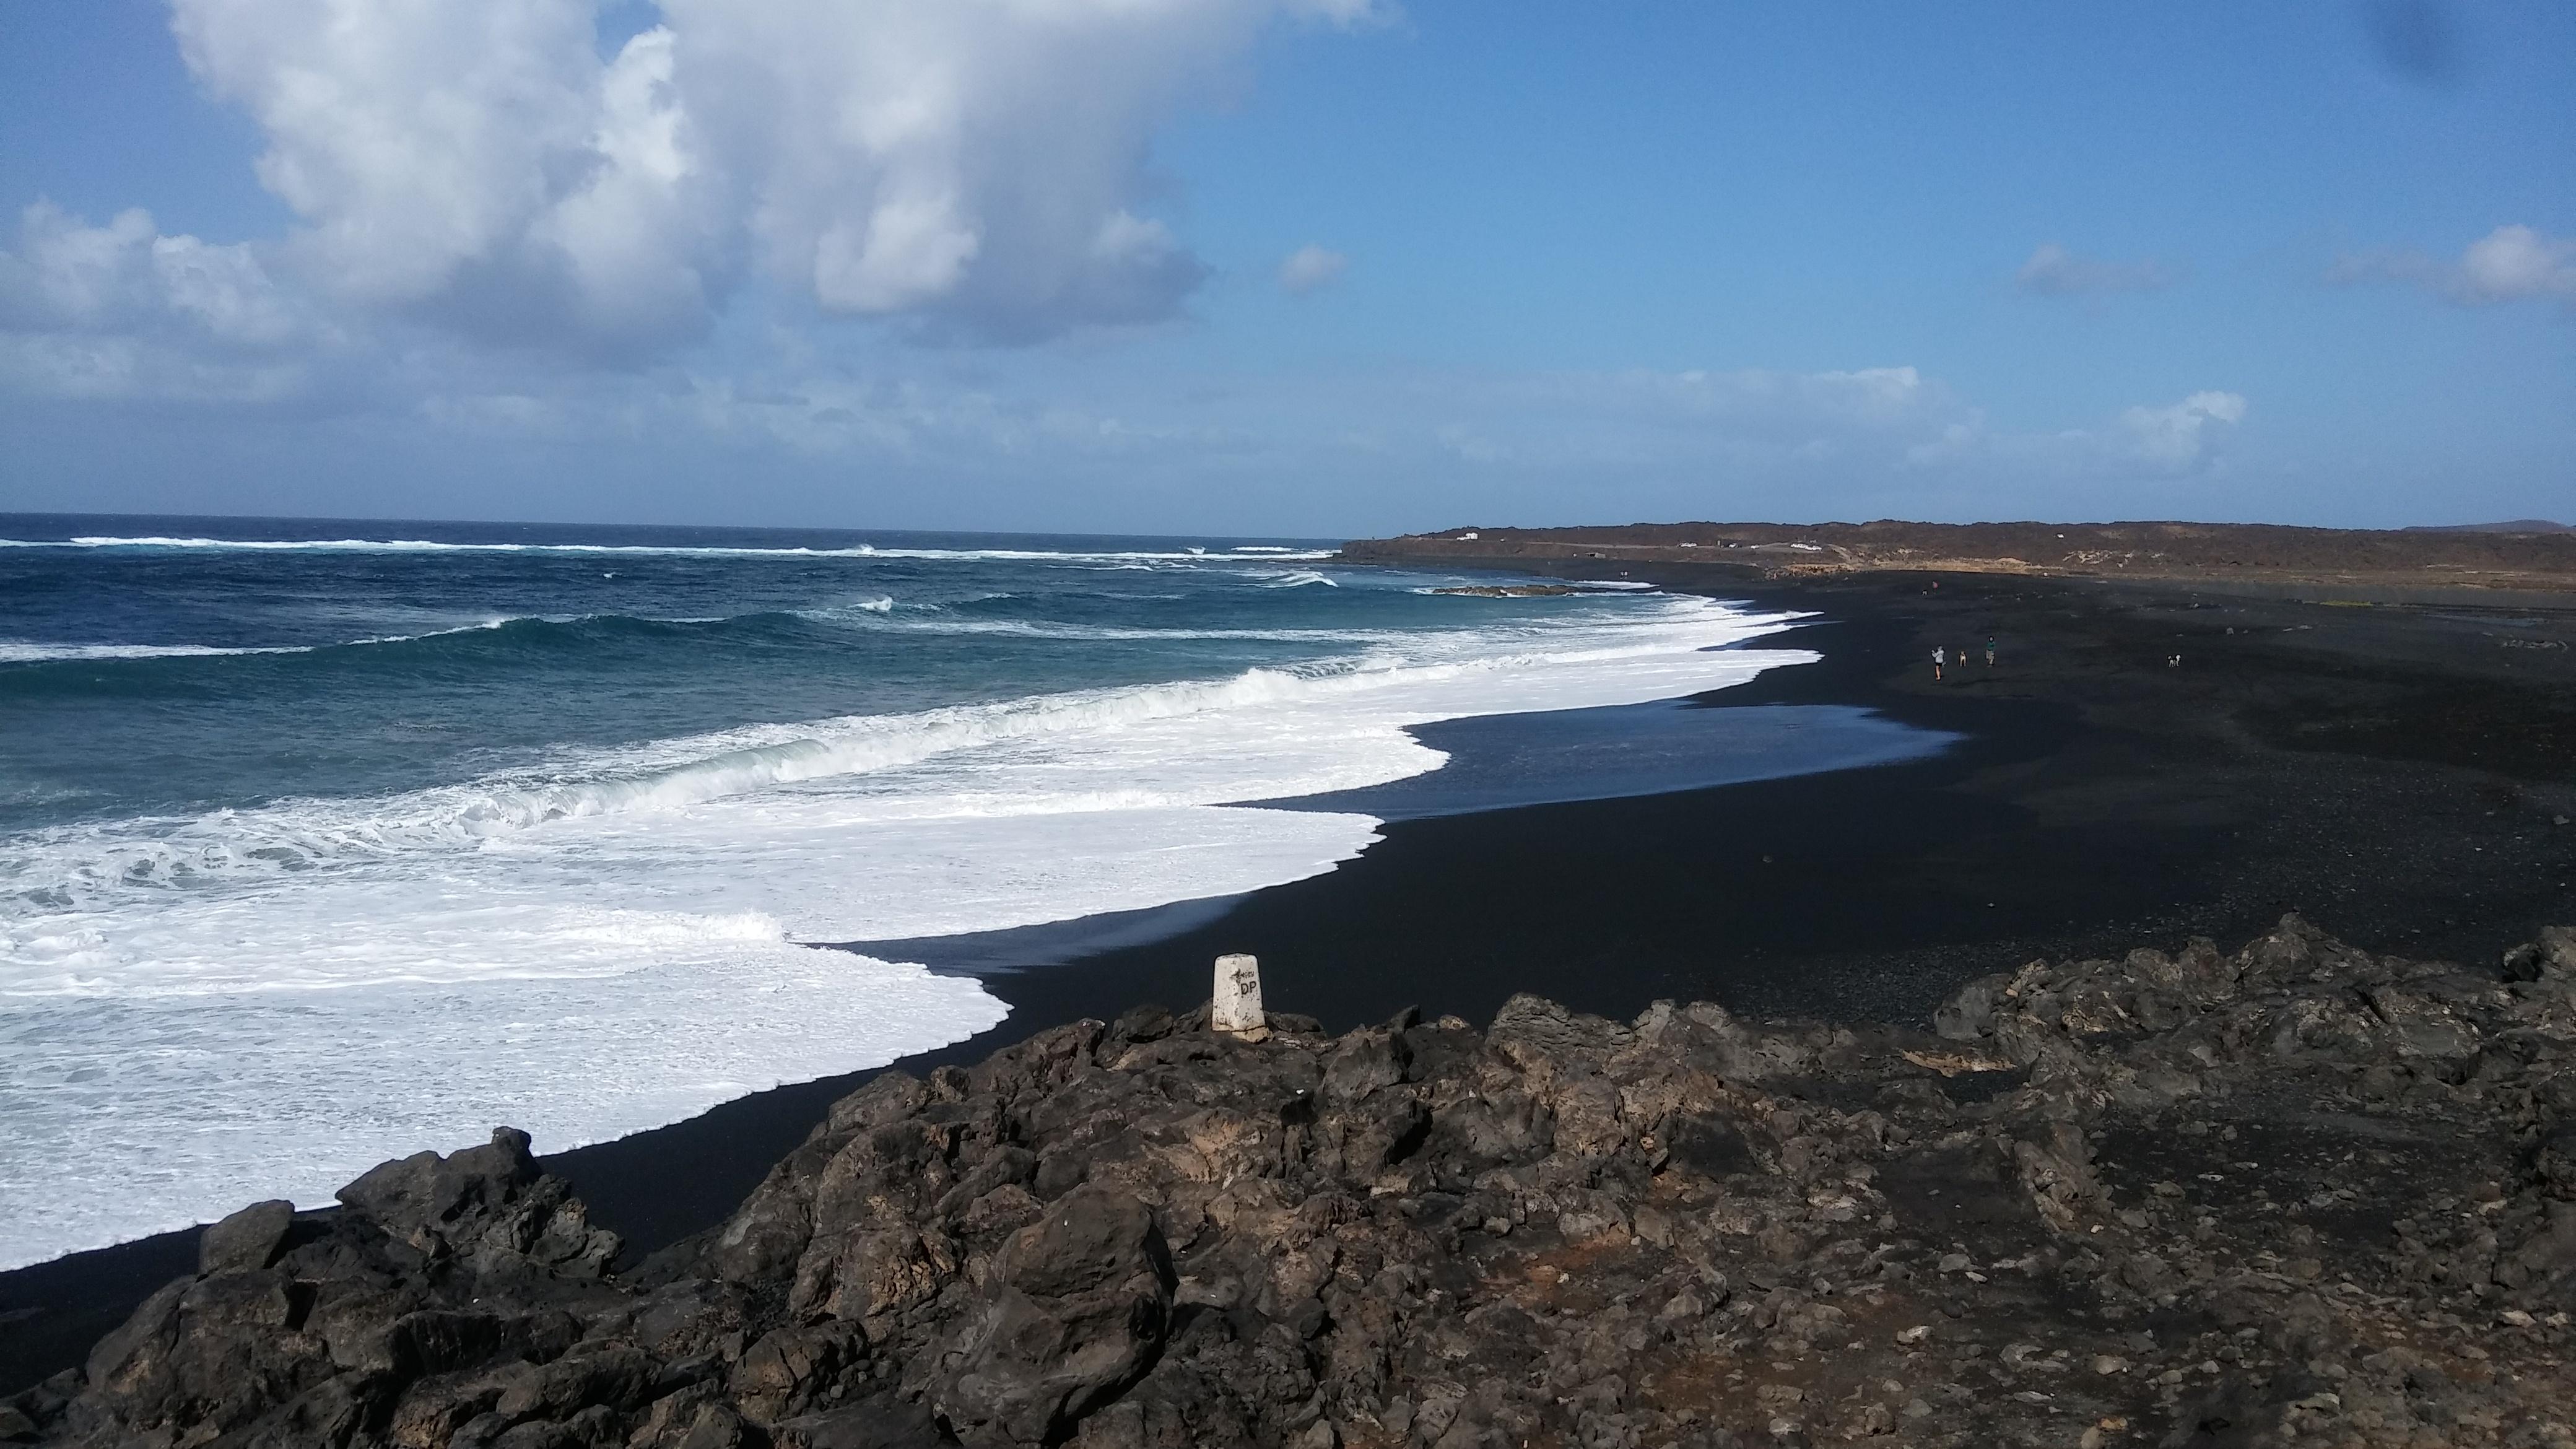 Playa del Janubio